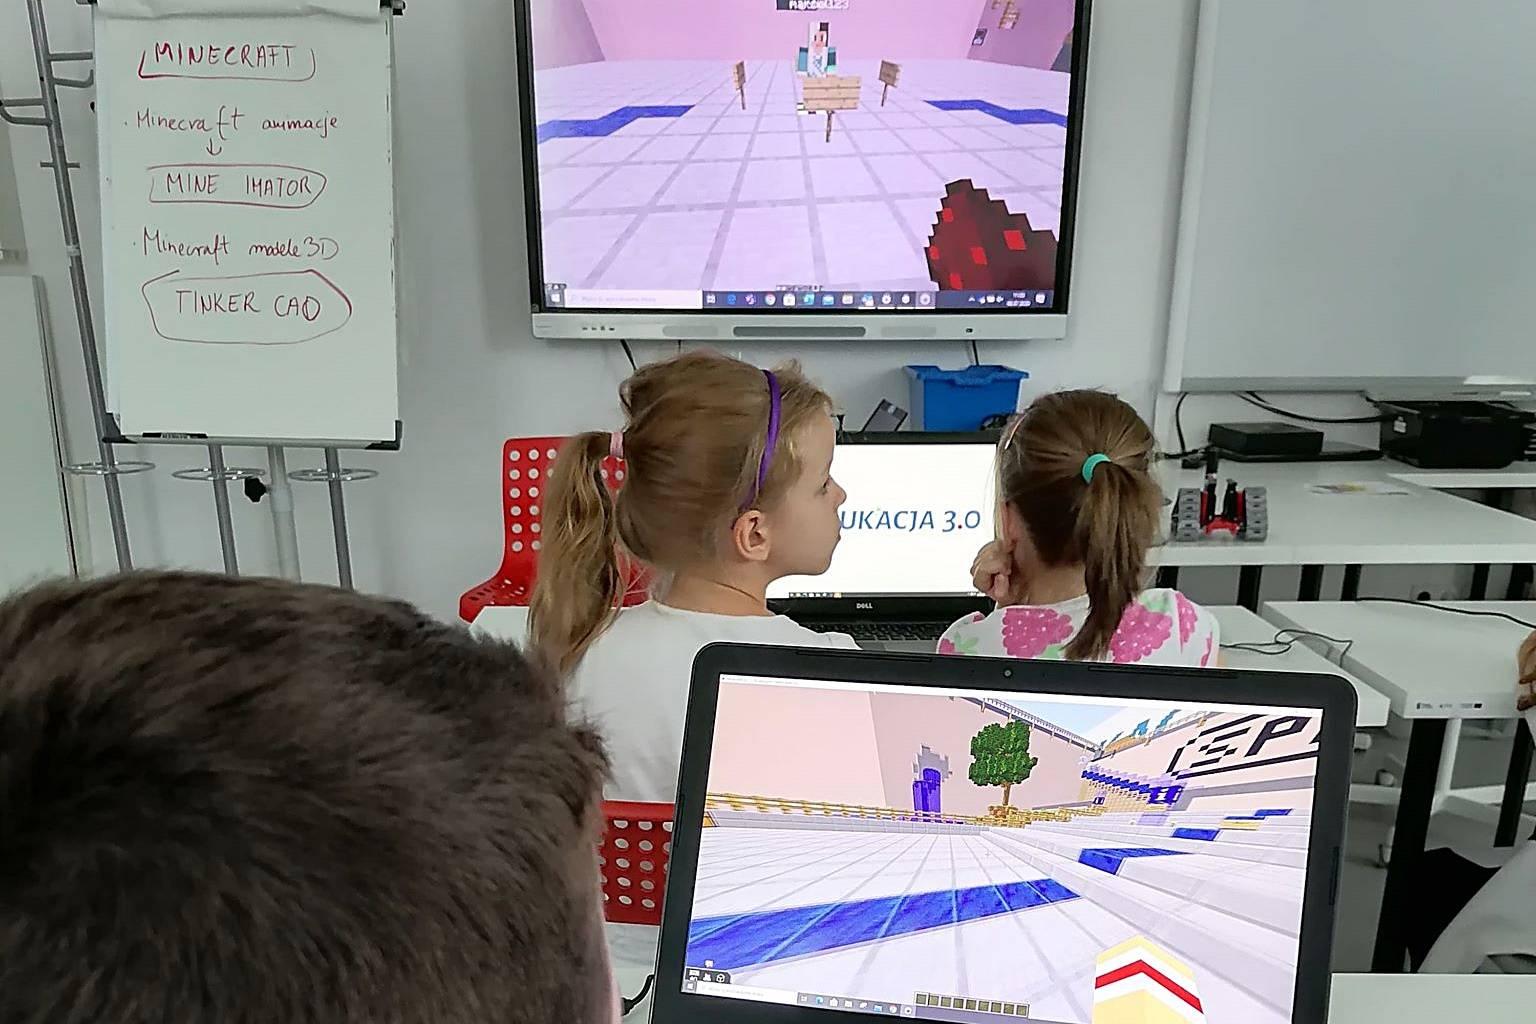 Półkolonie - Zajęcia z Minecraftem